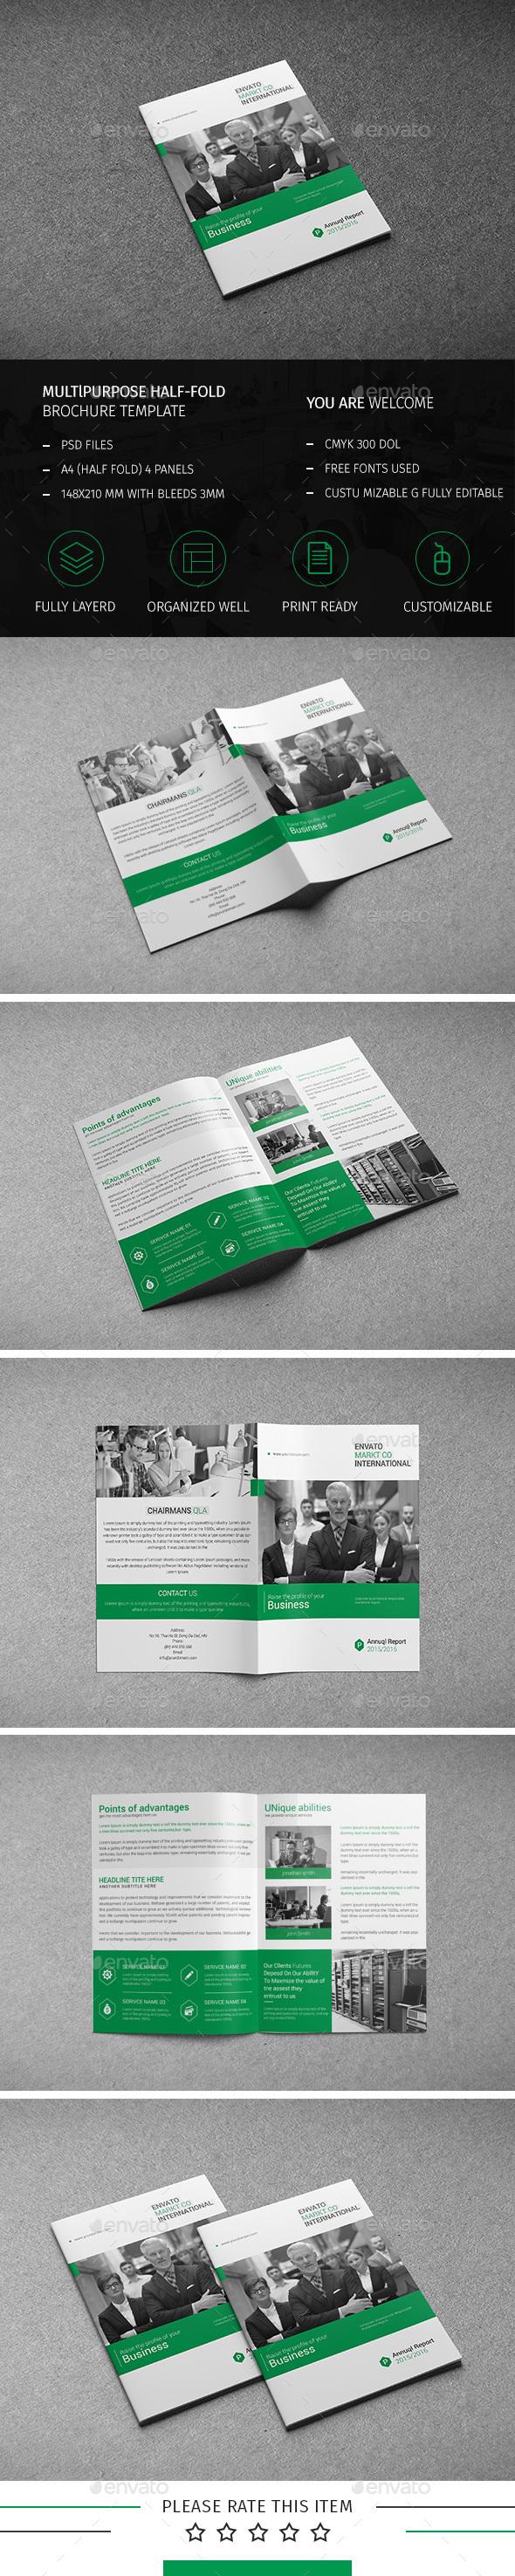 Corporate Bi-fold Brochure-Multipurpose 10 - Corporate Brochures